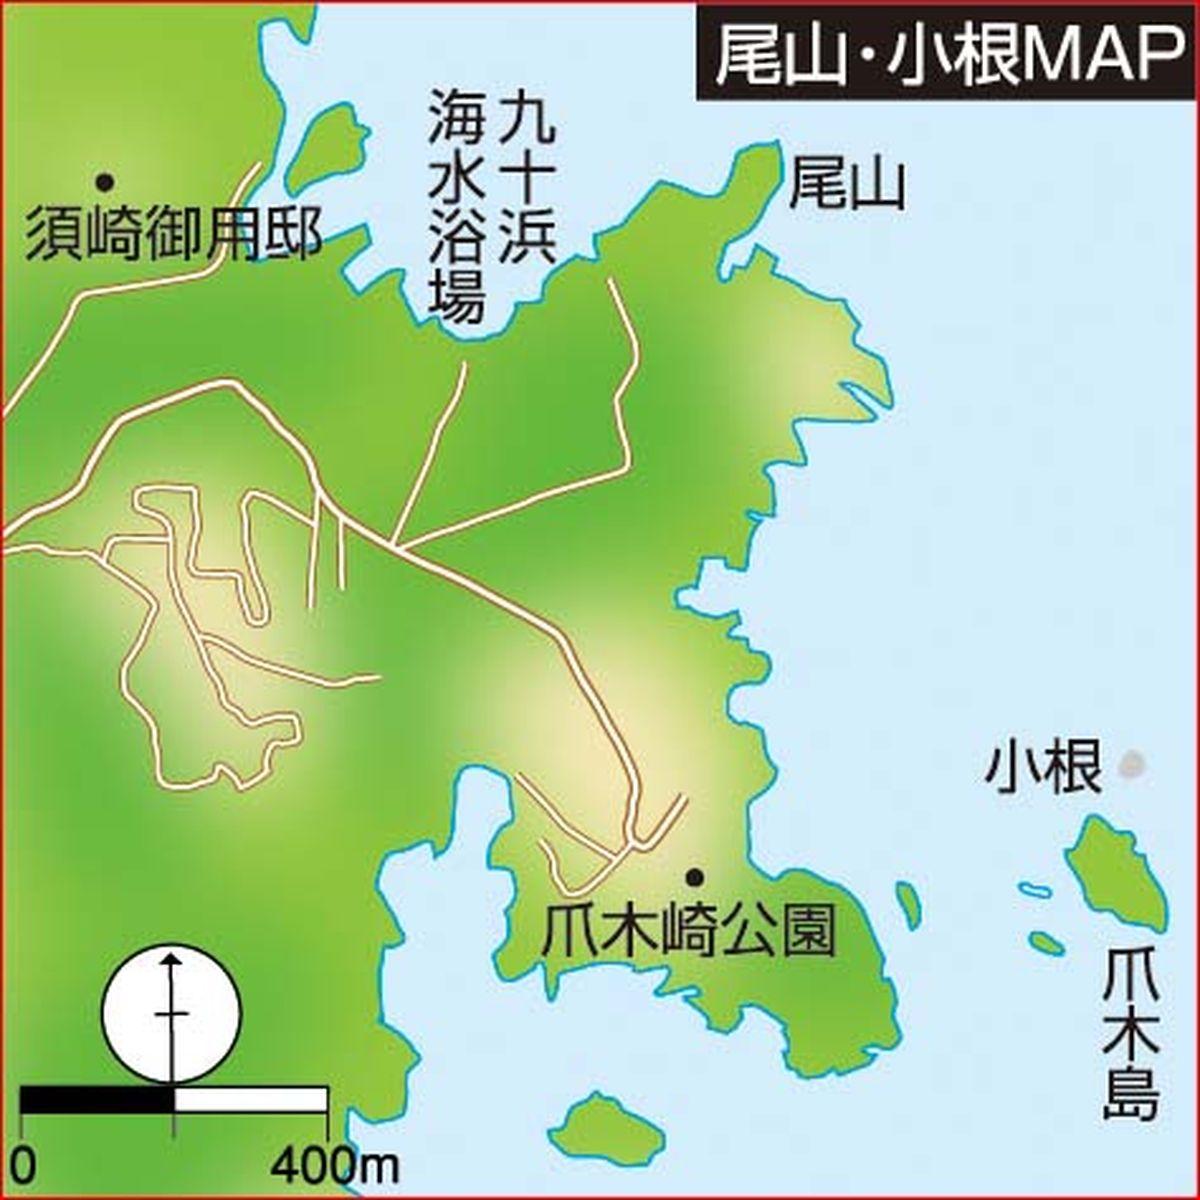 120_123_tsuyumejina_cs6 (1)_1